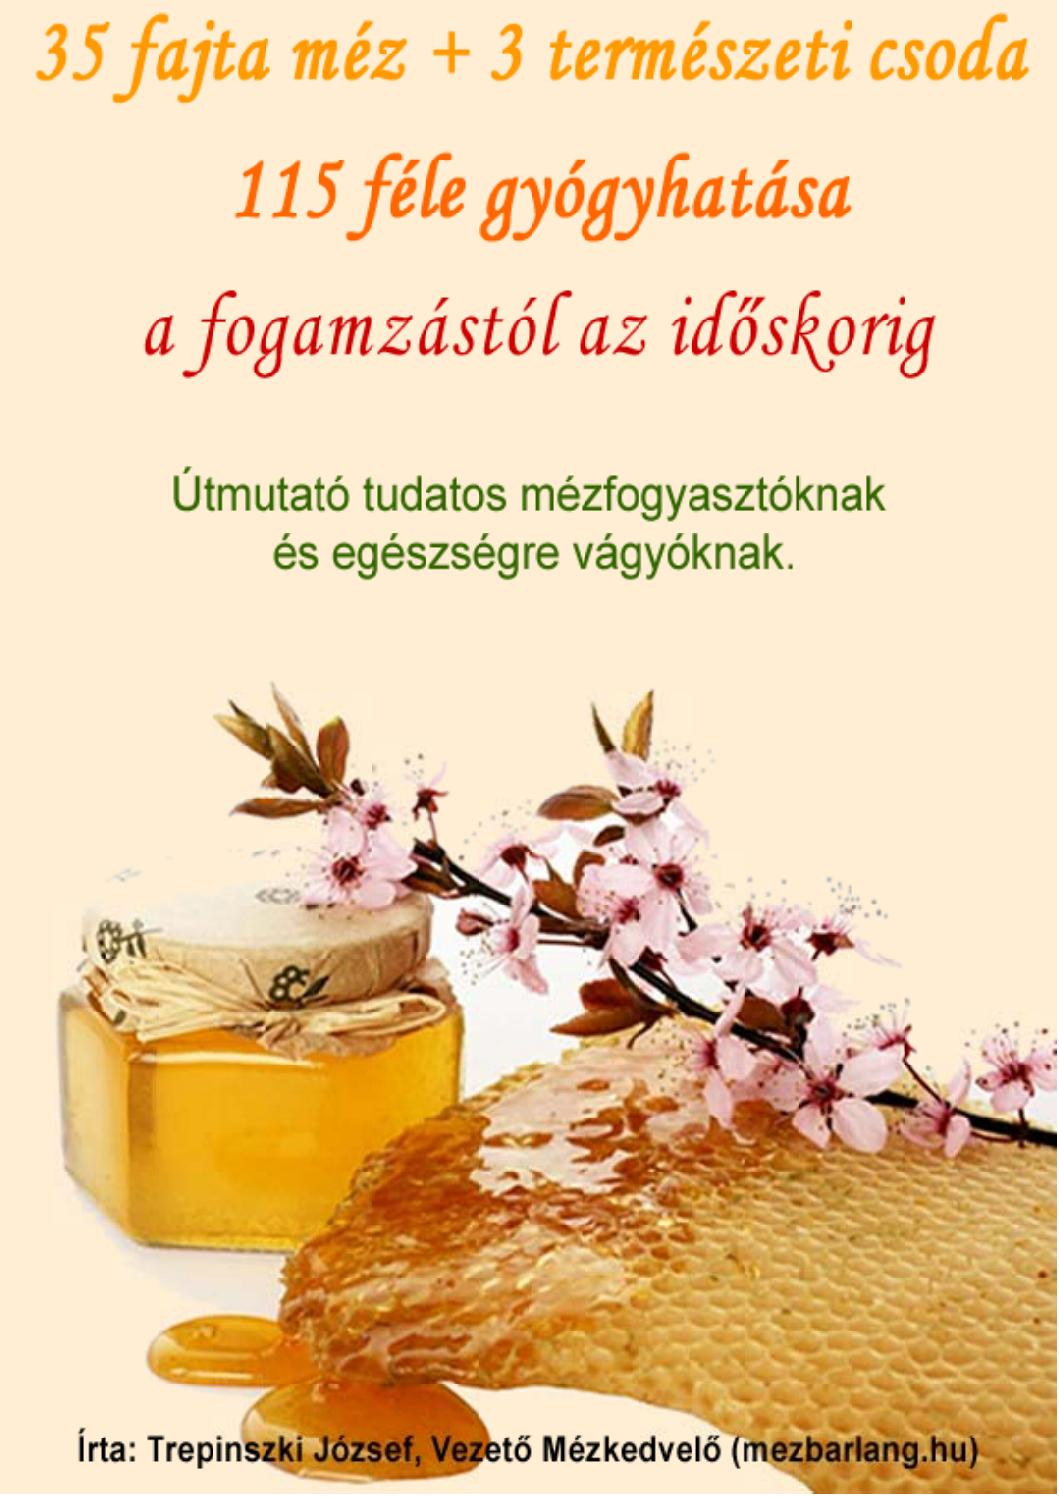 lehet-e enni mézet magas vérnyomás esetén az Egészségügyi Minisztérium ajánlásai a magas vérnyomás kezelésére